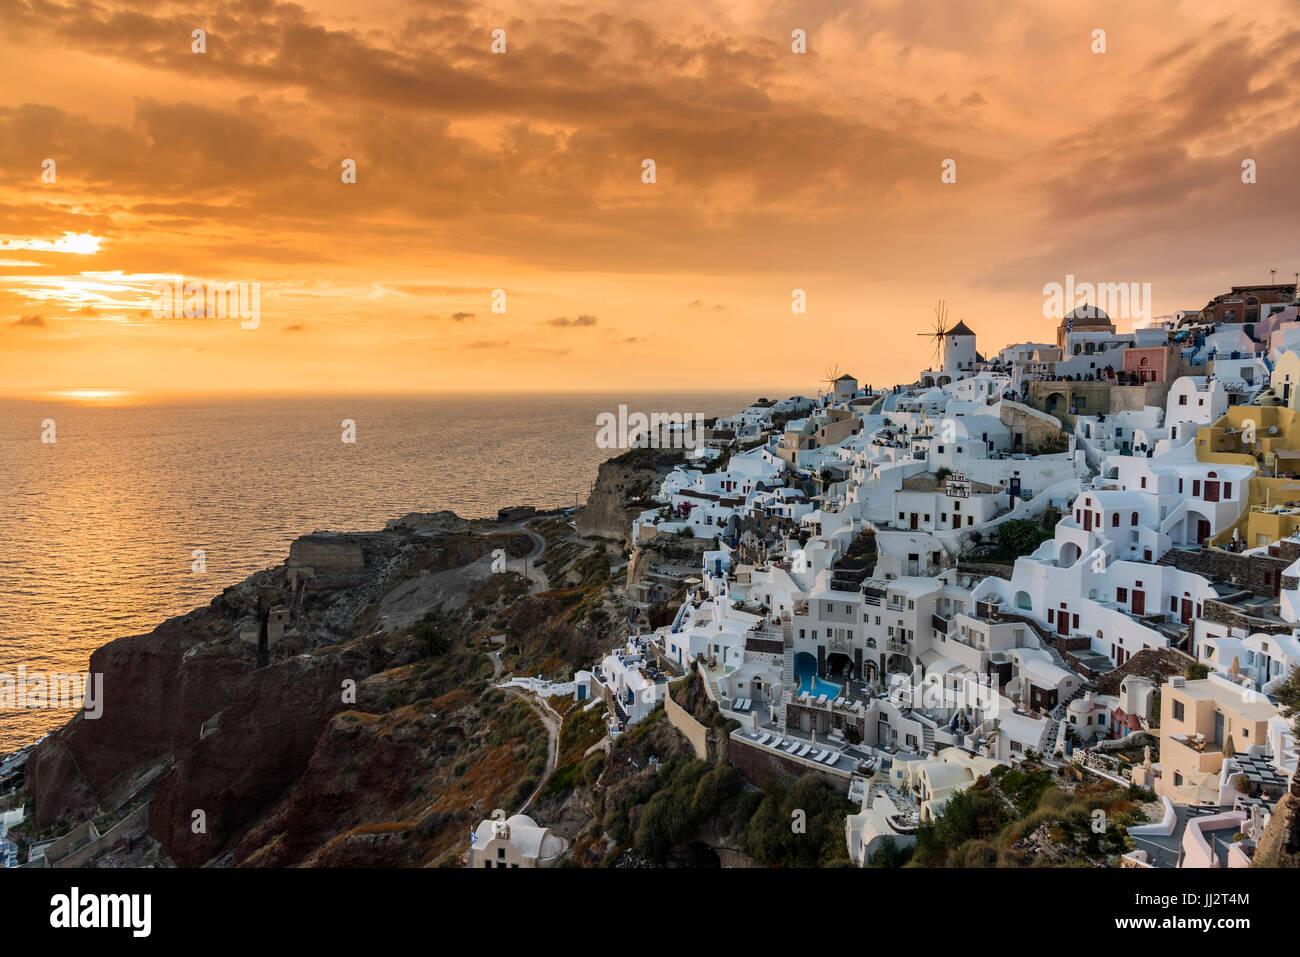 Vista de la puesta de sol de Oia, Santorini, Sur del Egeo, Grecia Imagen De Stock